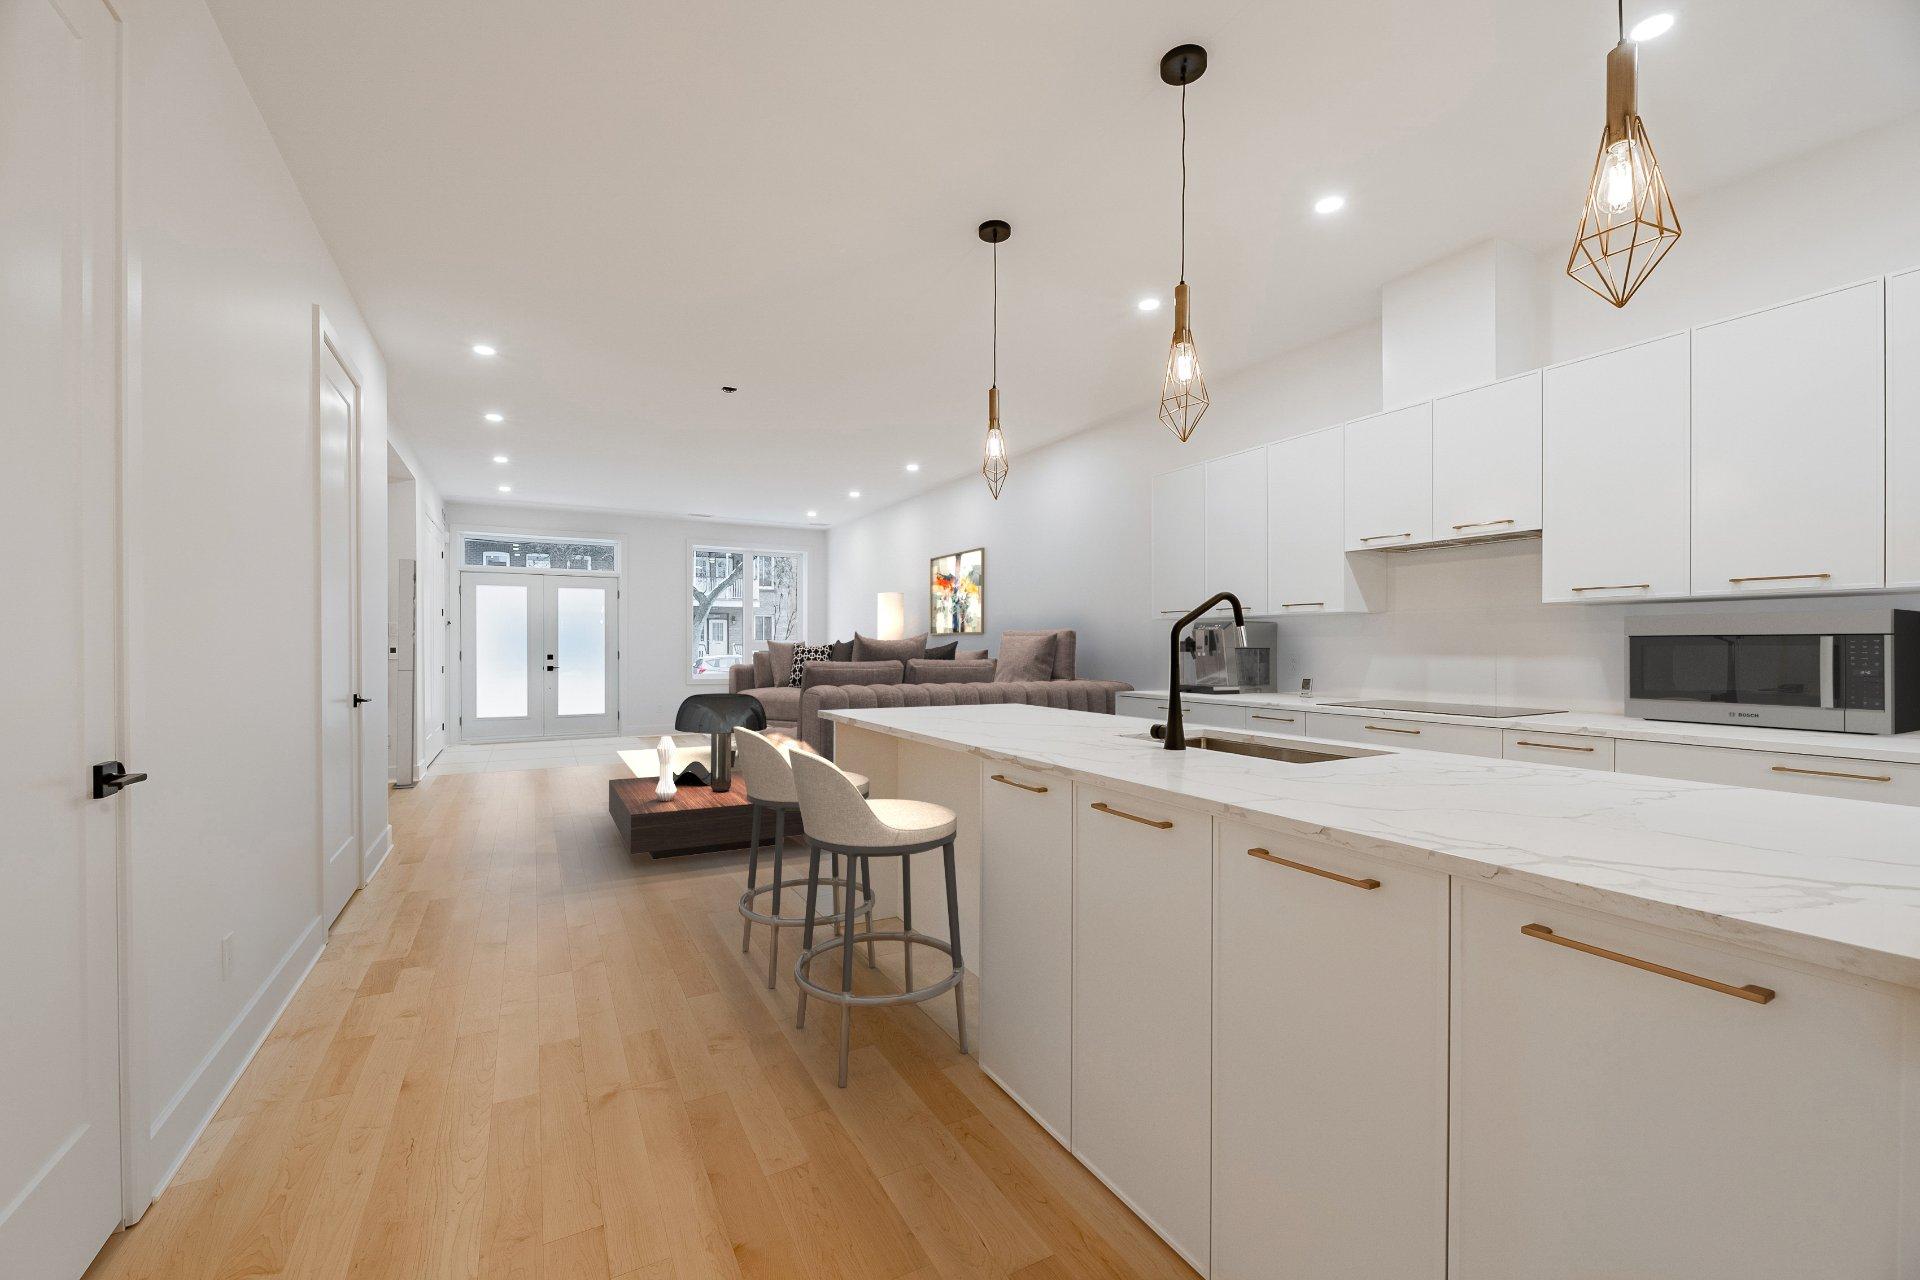 Cuisine Maison Montréal (Villeray/Saint-Michel/Parc-Extension)